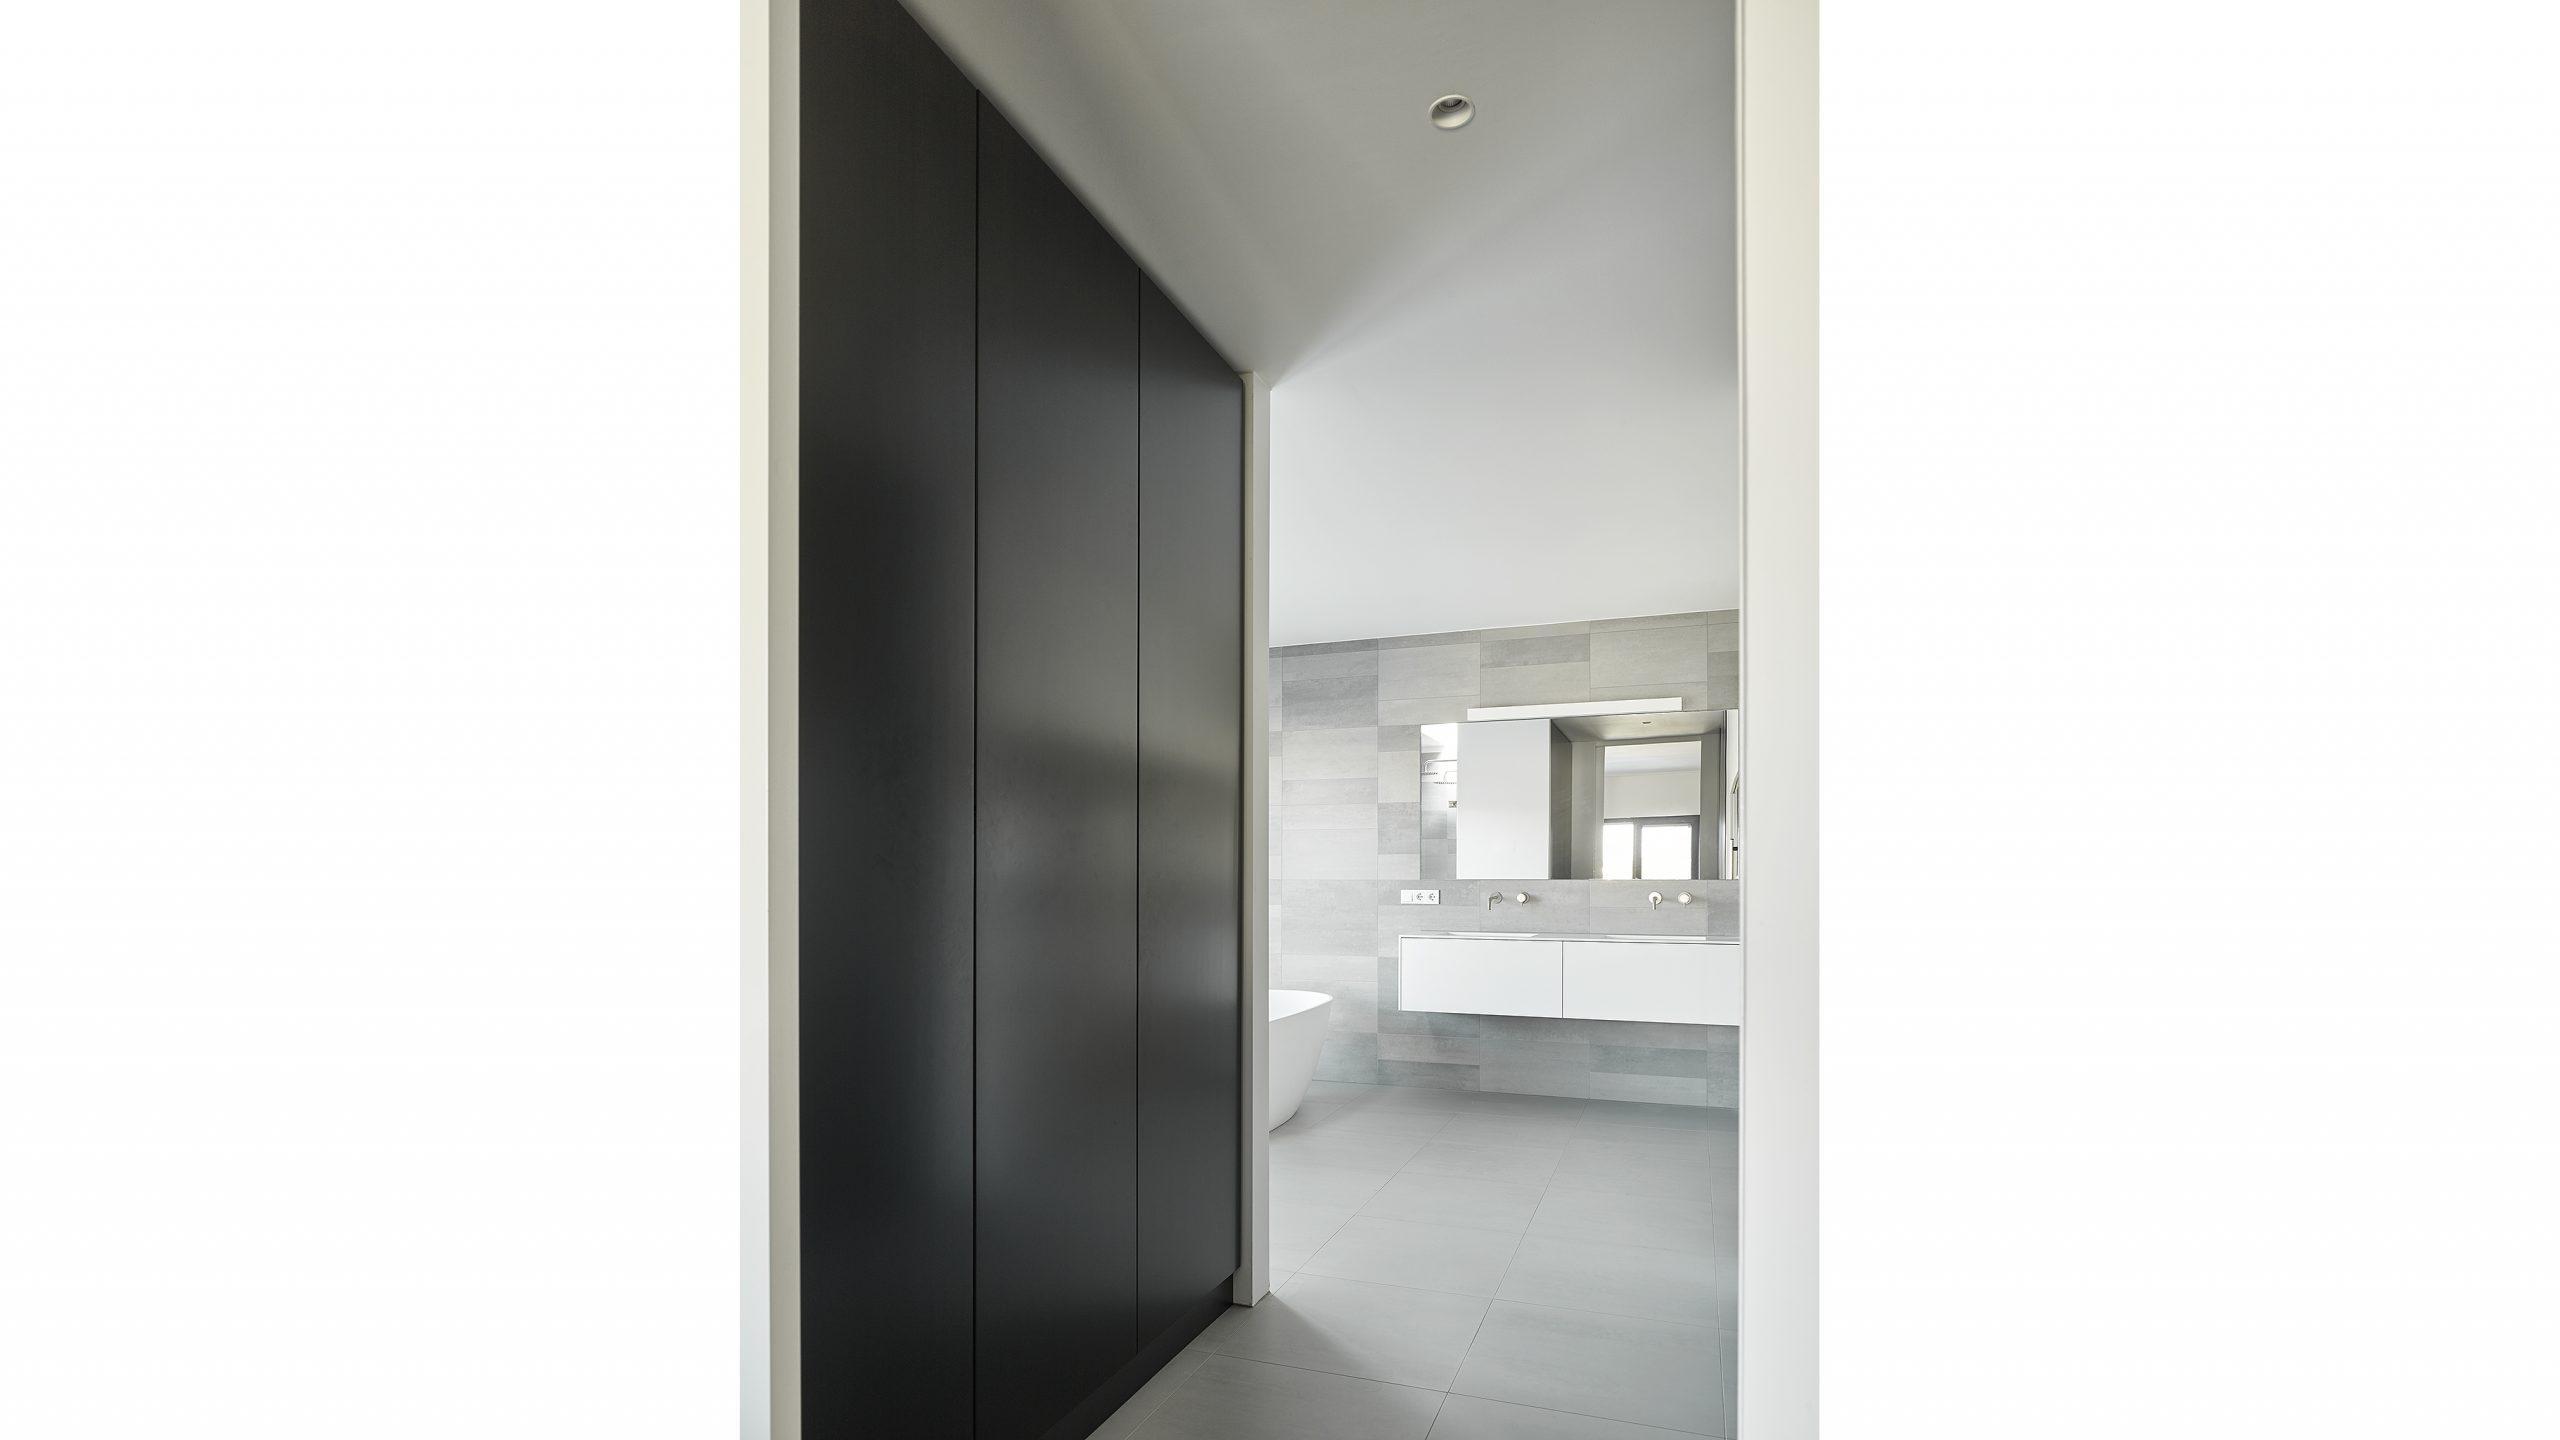 interieur badkamer nieuwbouw villa ambyerveld